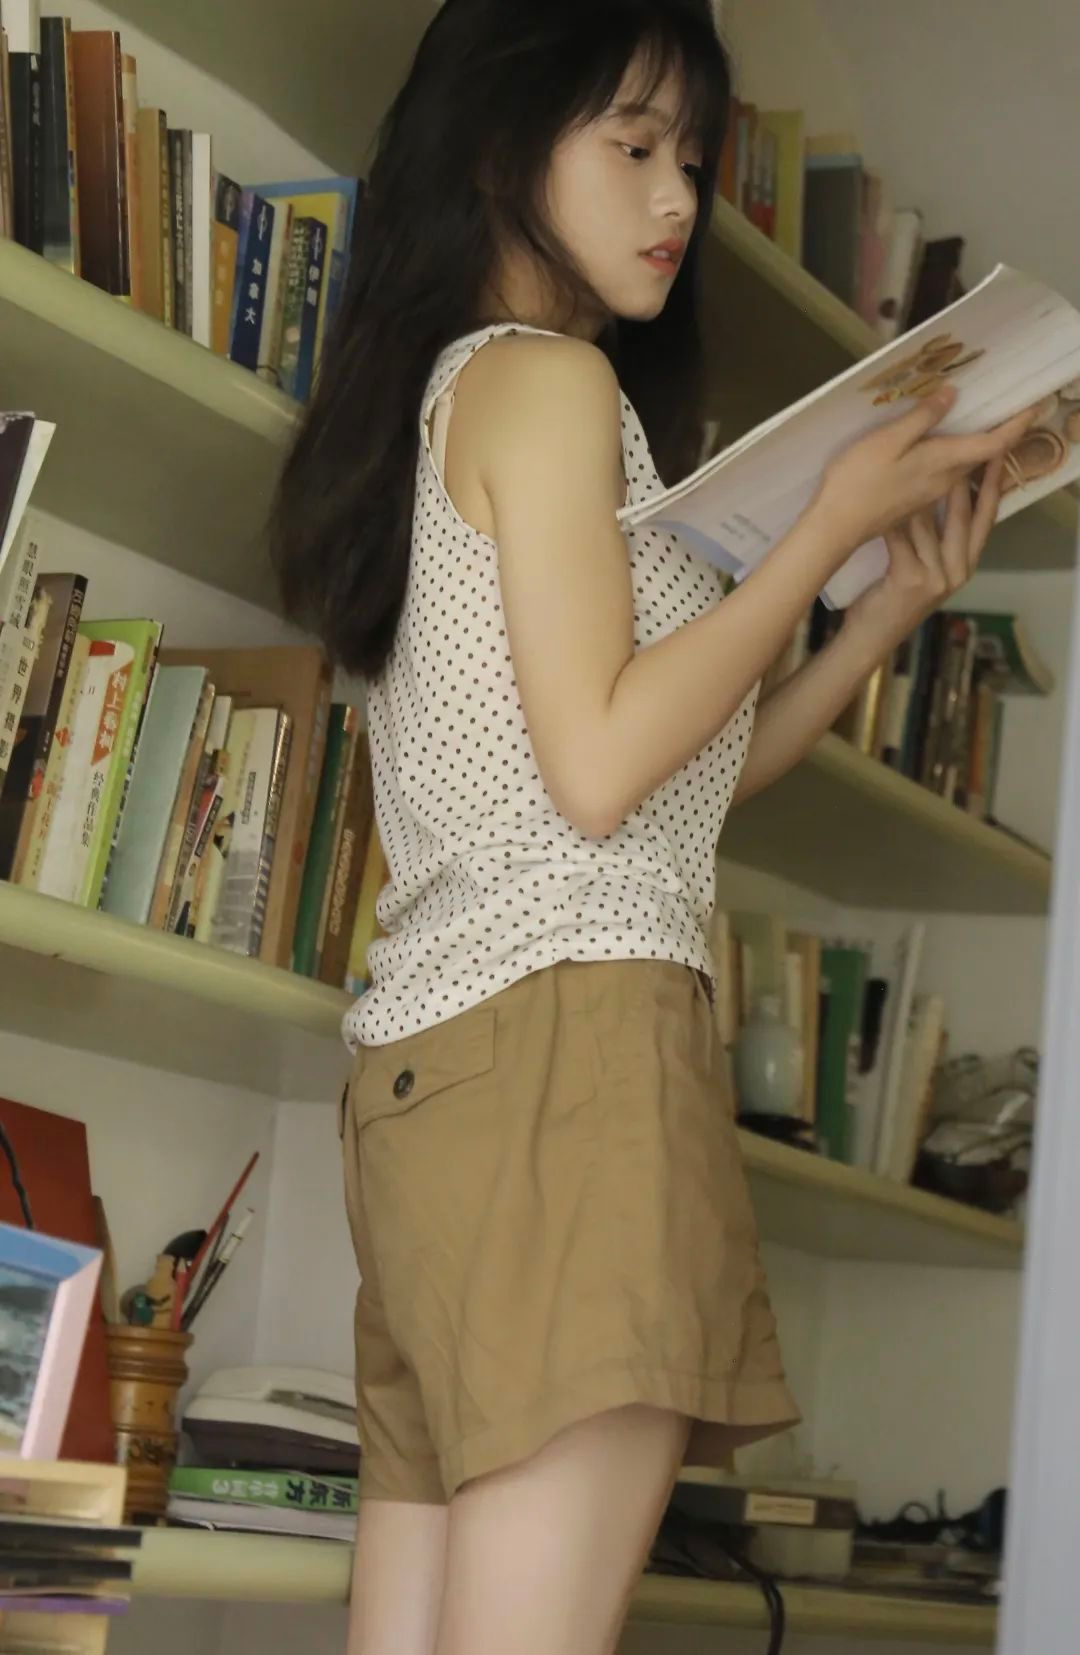 妹子摄影 – 波点t恤少女与镜中人比美_图片 No.4